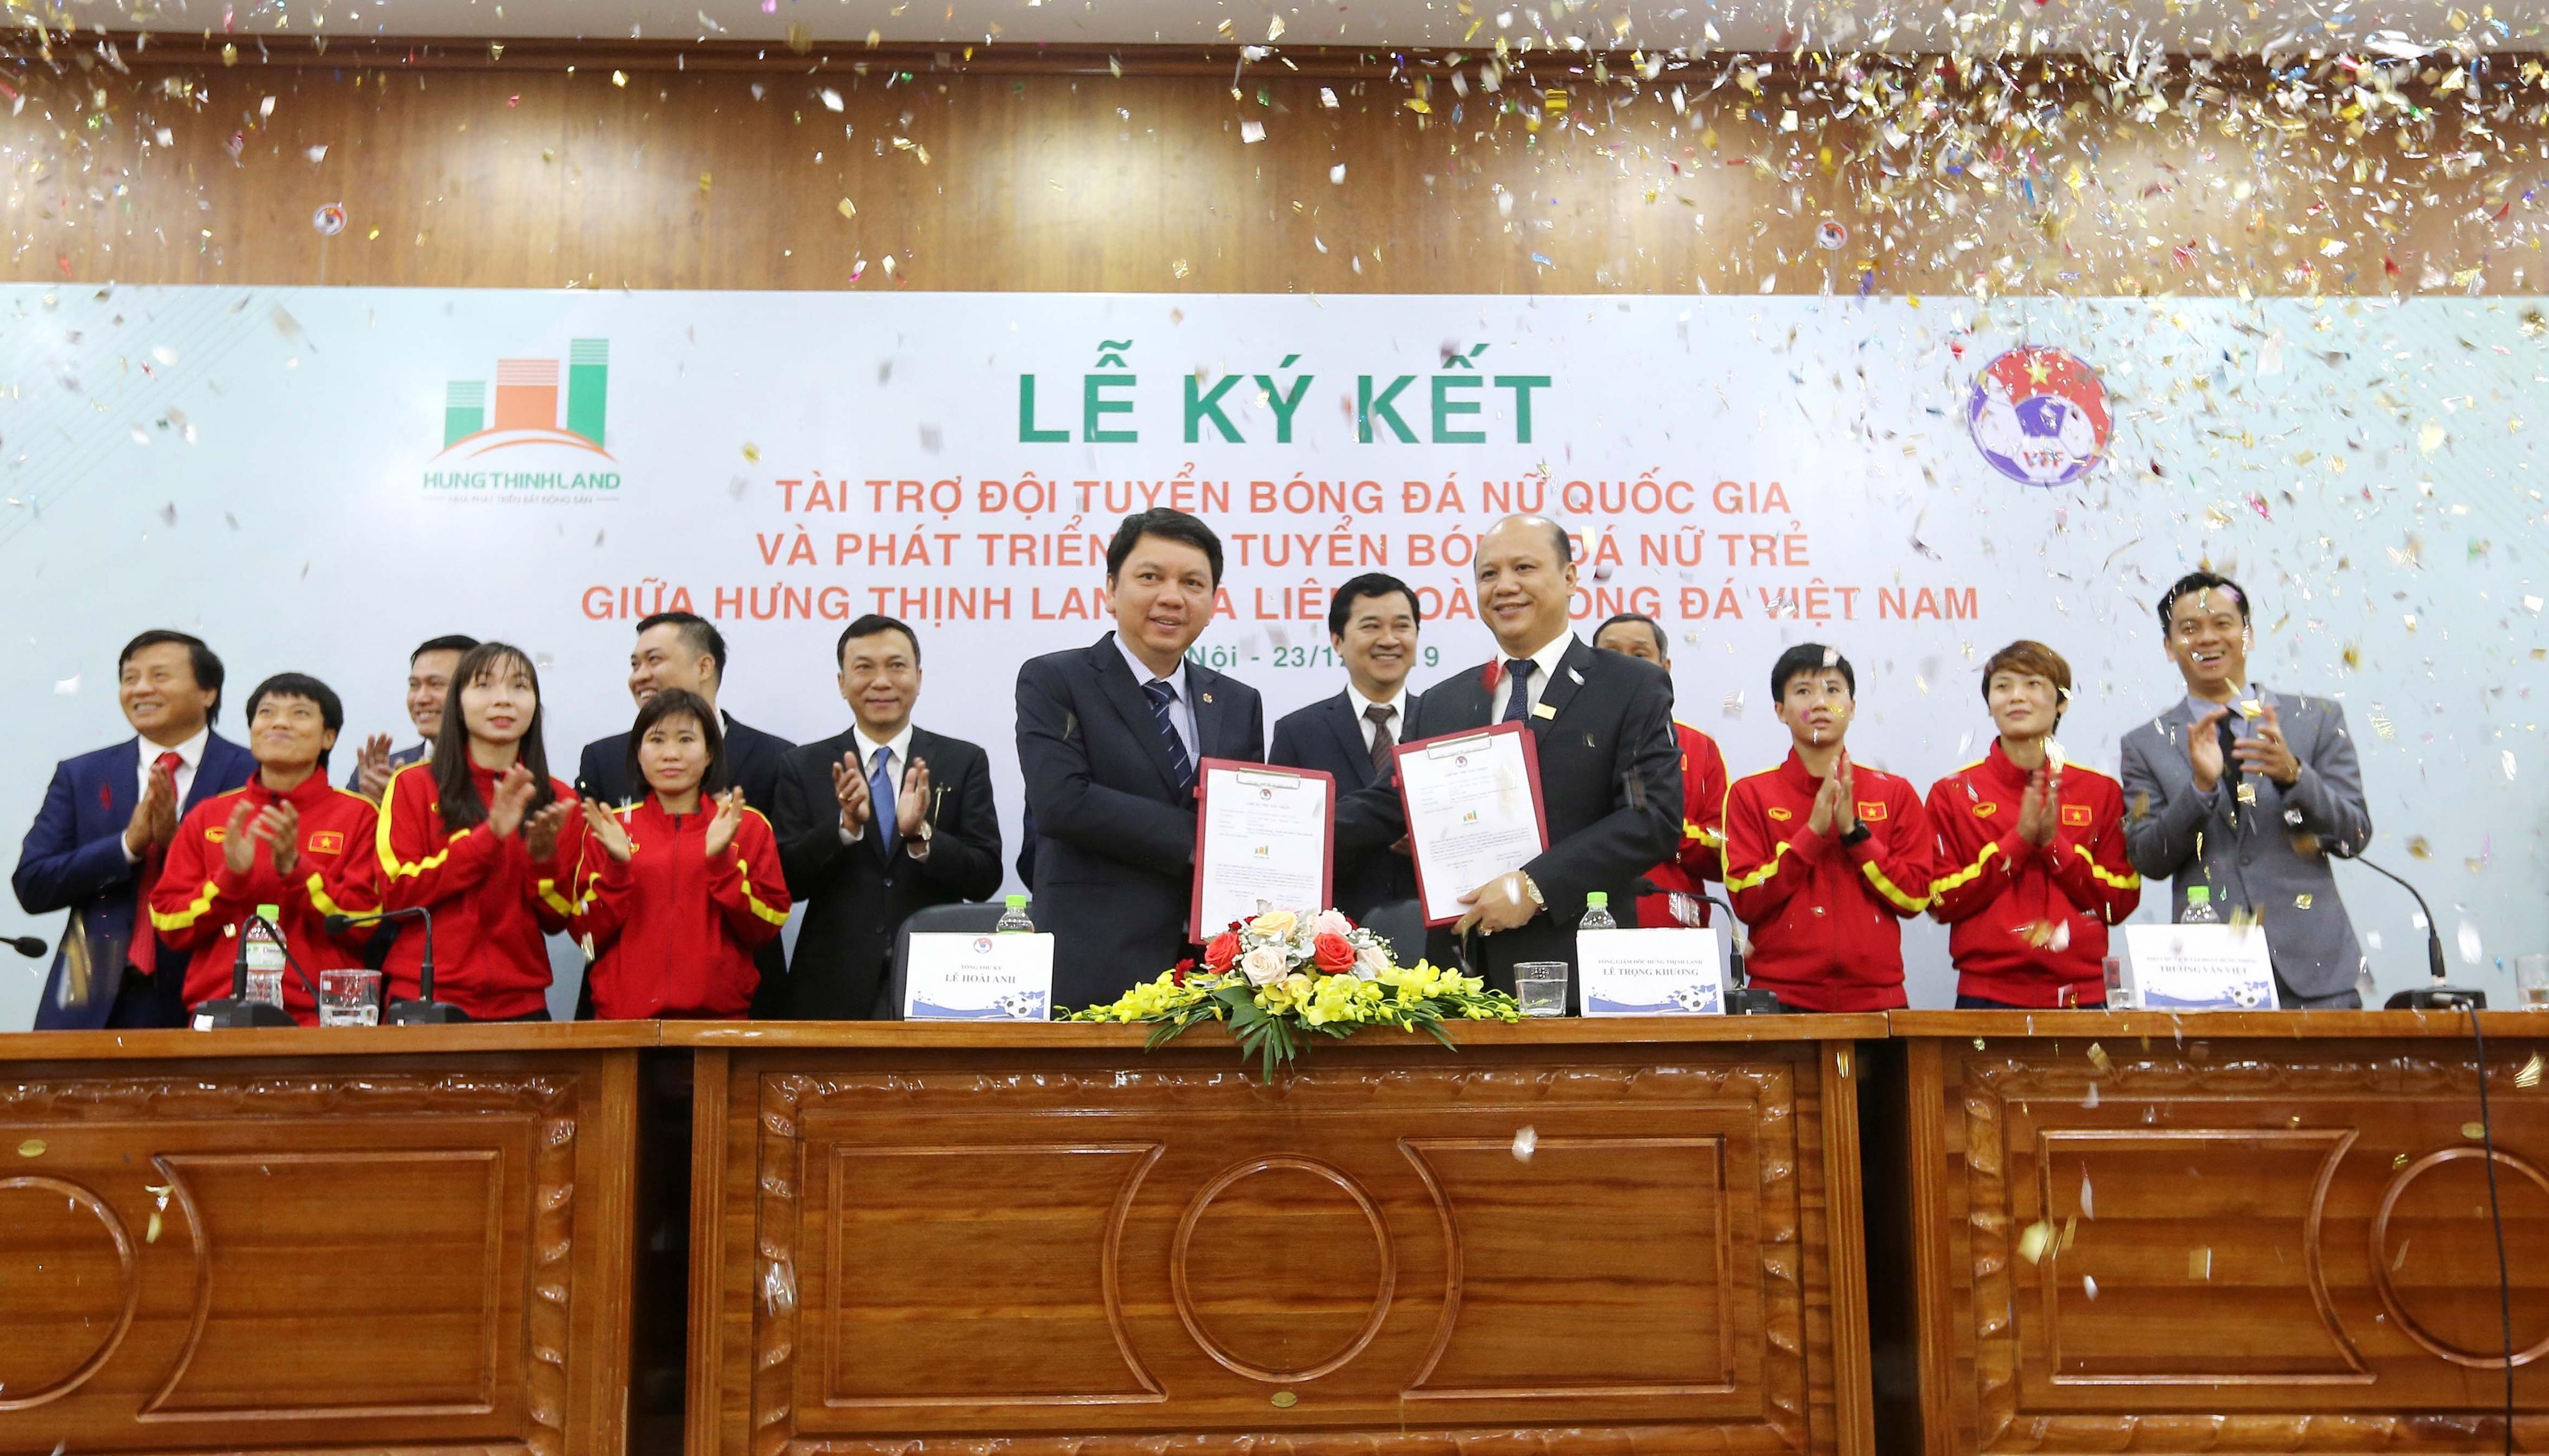 Hưng Thịnh Land tài trợ  ĐT Bóng đá nữ QG và phát triển ĐT nữ trẻ hướng đến World Cup